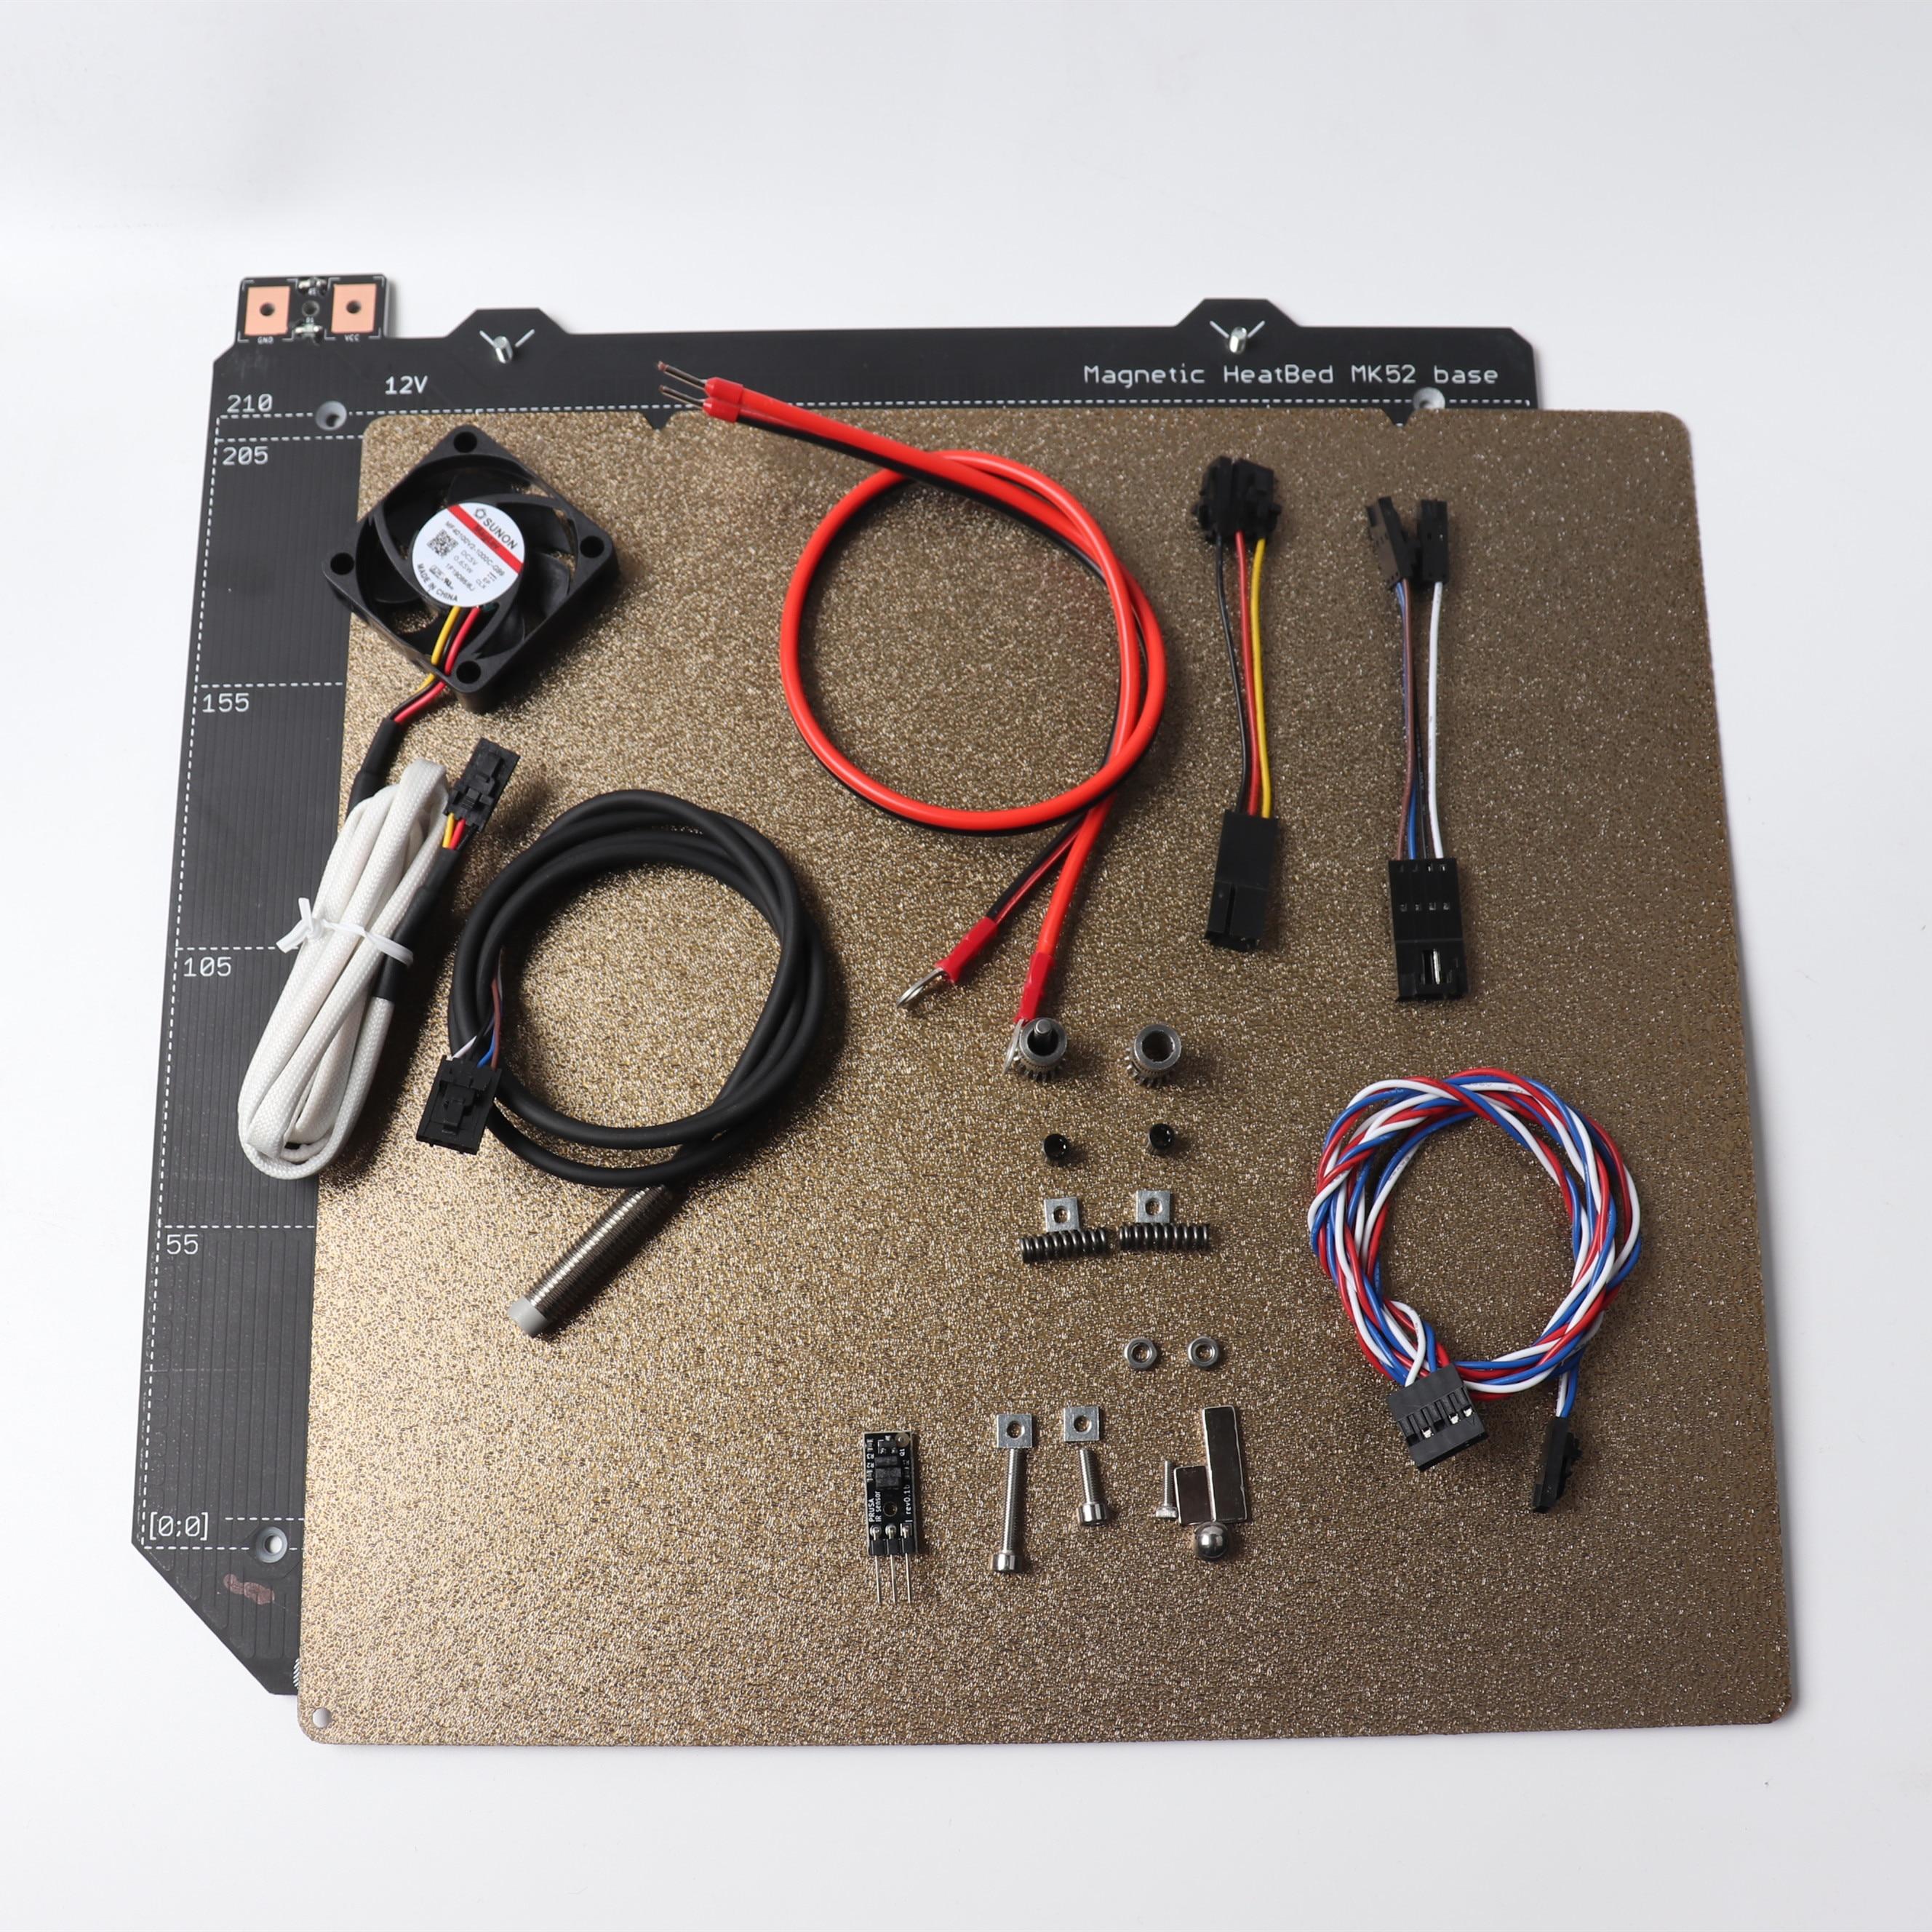 Clonado Prusa i3 MK2/S para kit de atualização com MK52 MK2.5S 12 V heatbed, sunon v2 5 V fã, Pó texturizada folha PEI, PINDA V2 sonda